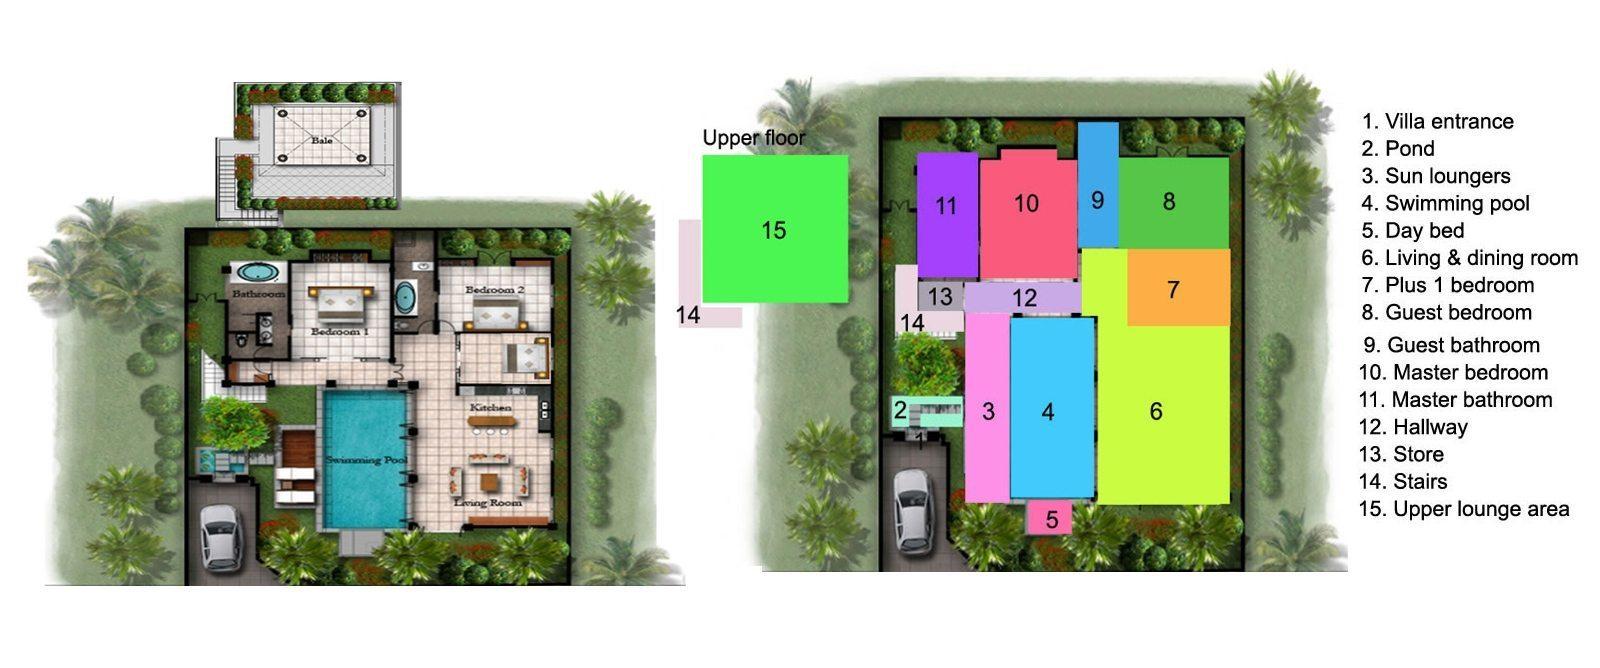 Villa Jepun Floorplan | Seminyak, Bali